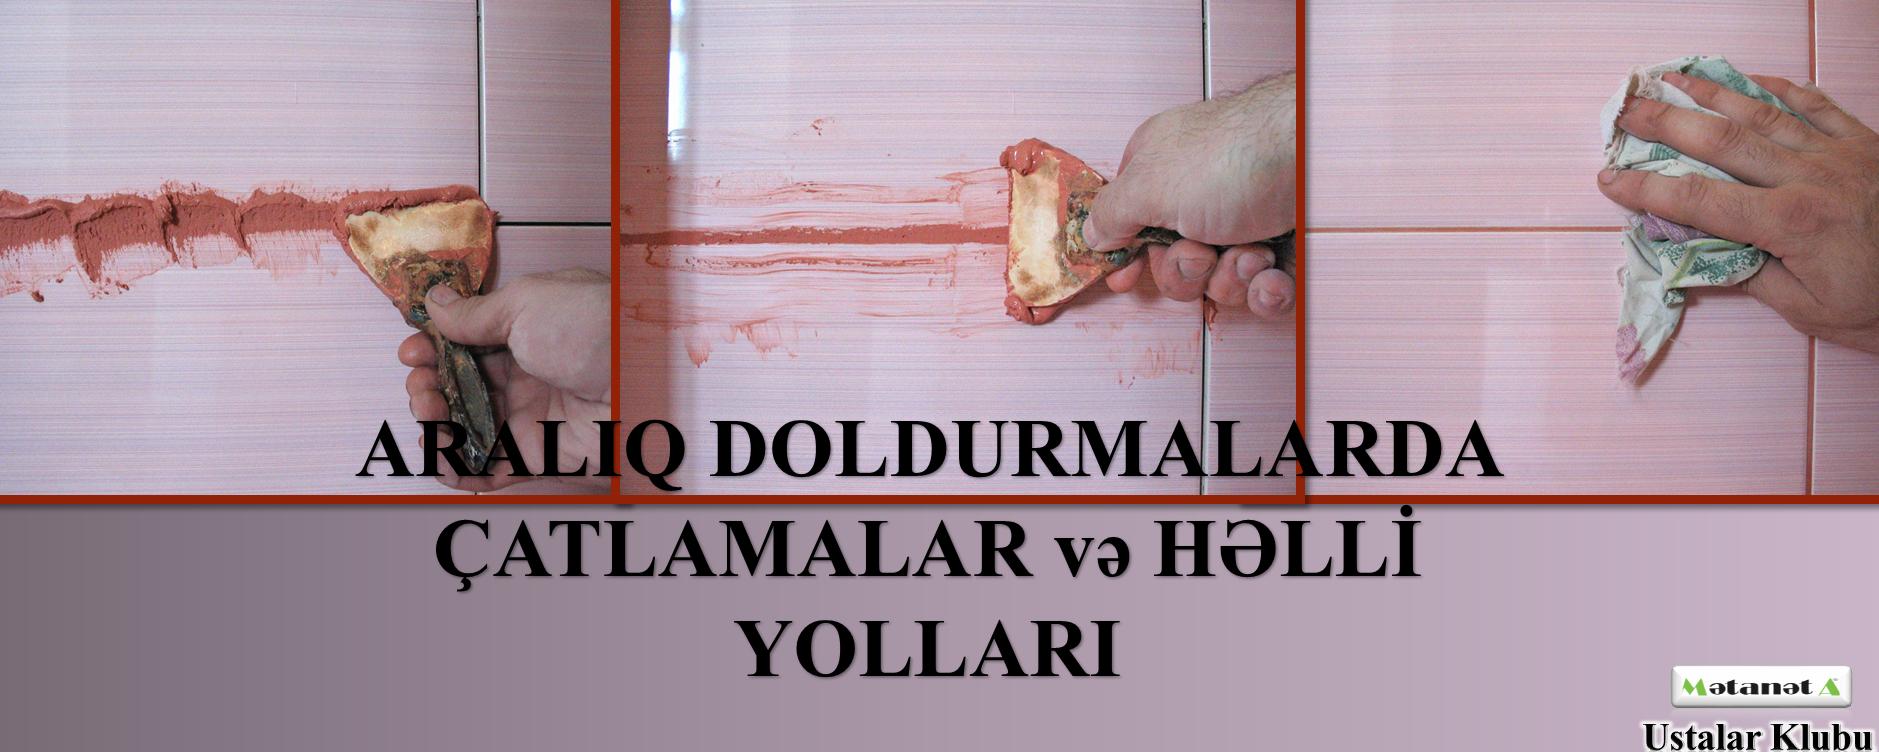 ARALIQ DOLDURMA İŞLƏRİ